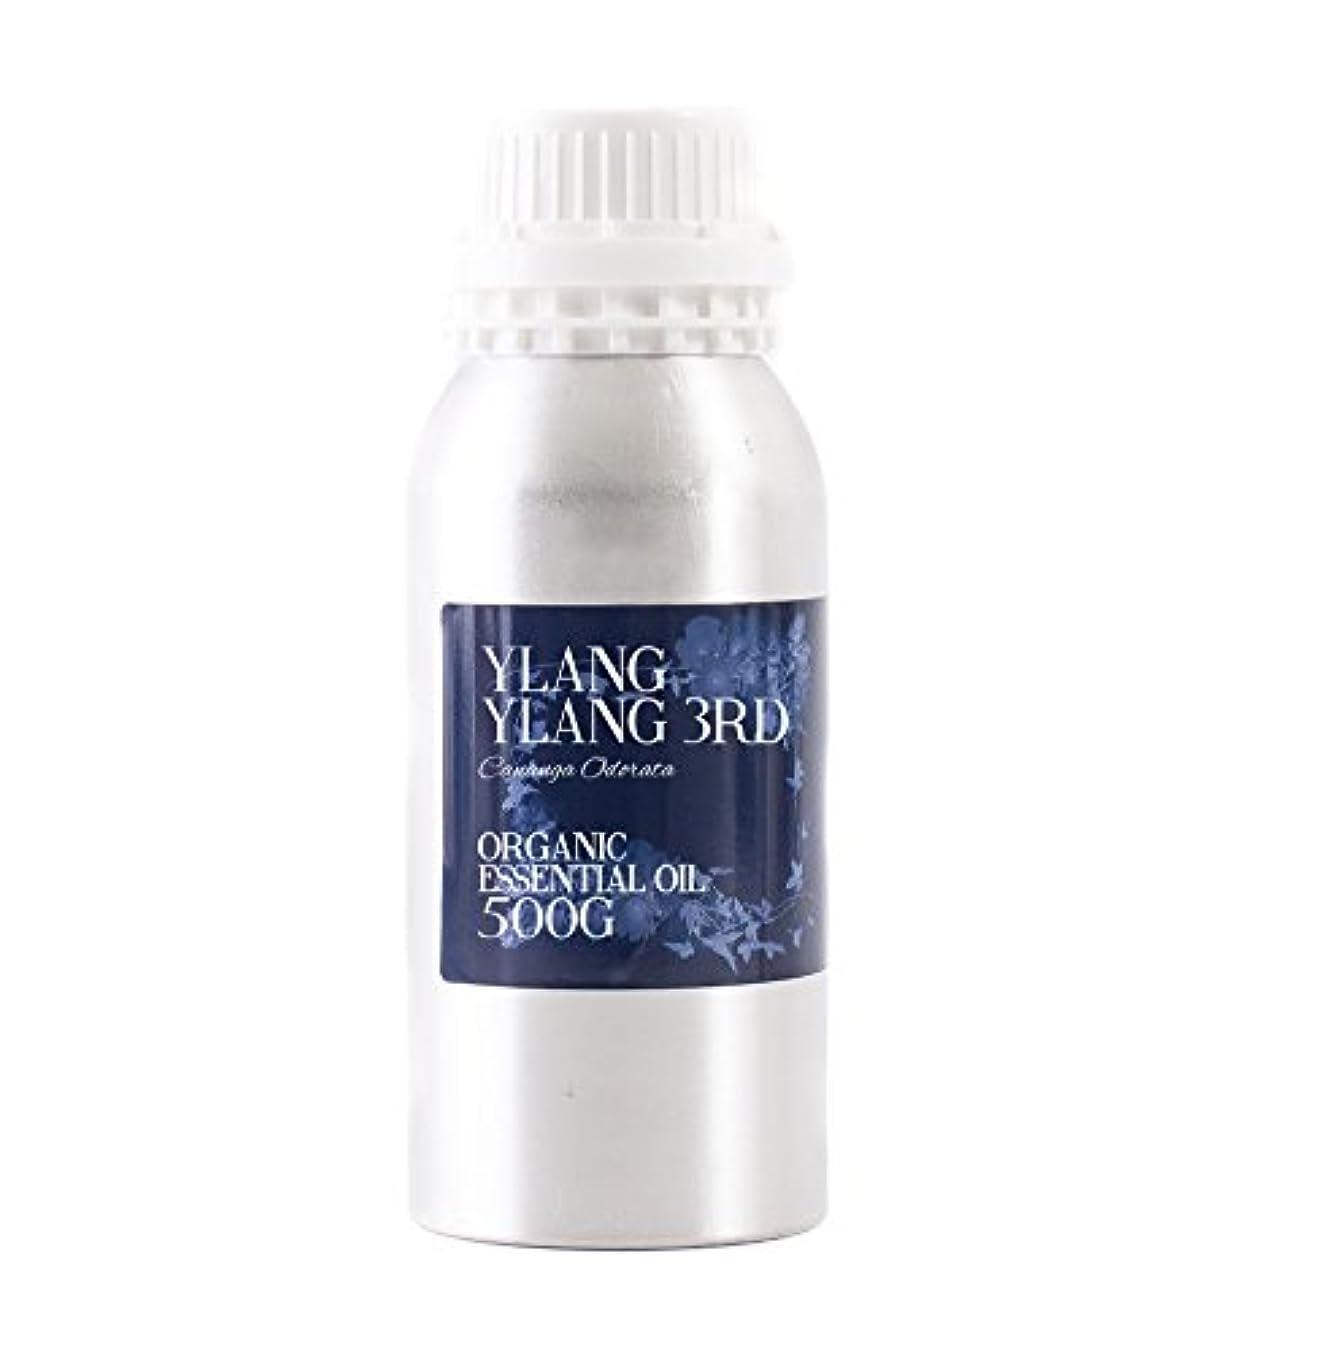 寛解尊敬彫るMystic Moments | Ylang Ylang 3rd Organic Essential Oil - 500g - 100% Pure